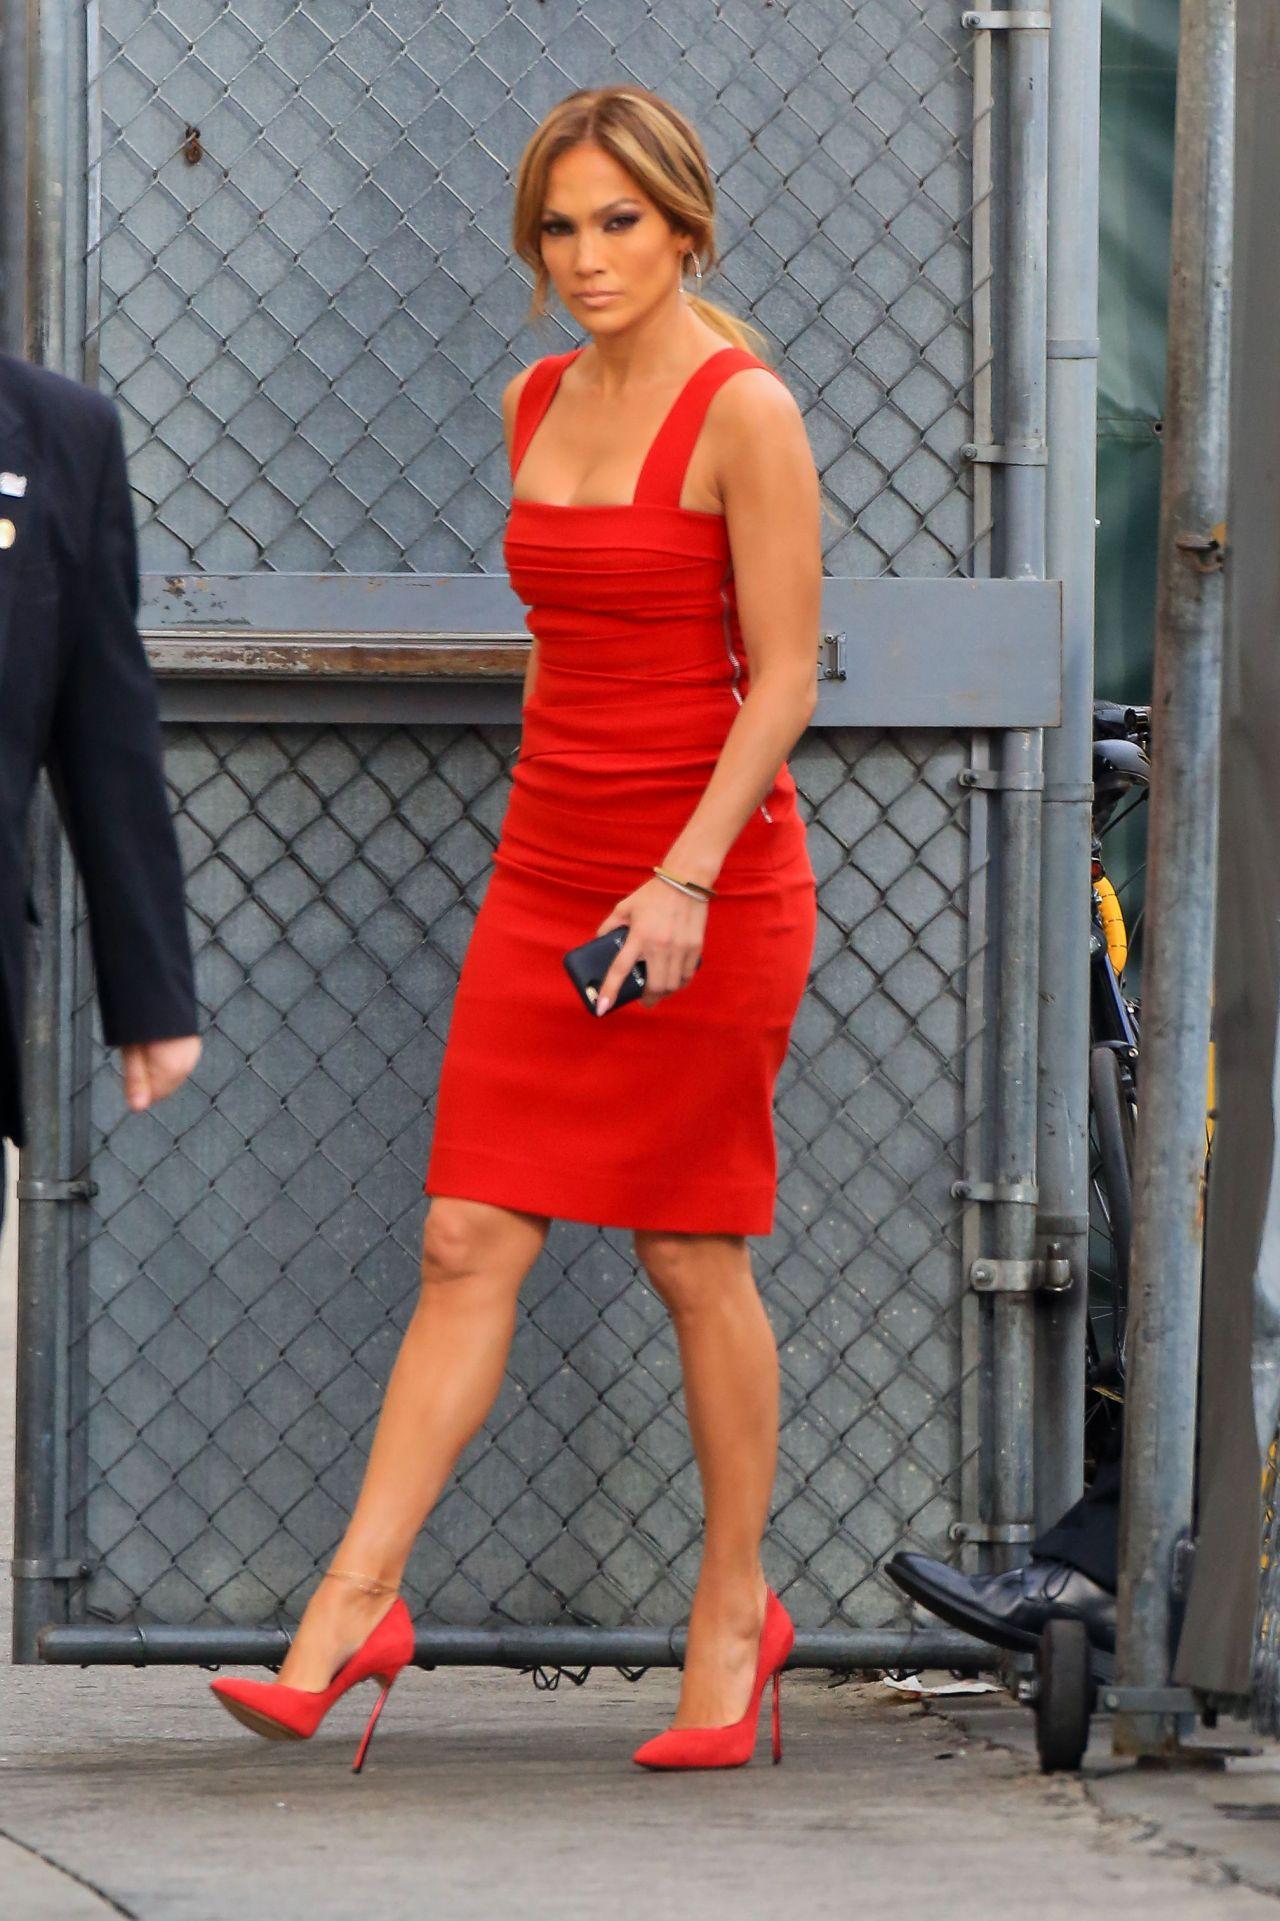 jennifer lopez in red dress arriving to appear on jimmy